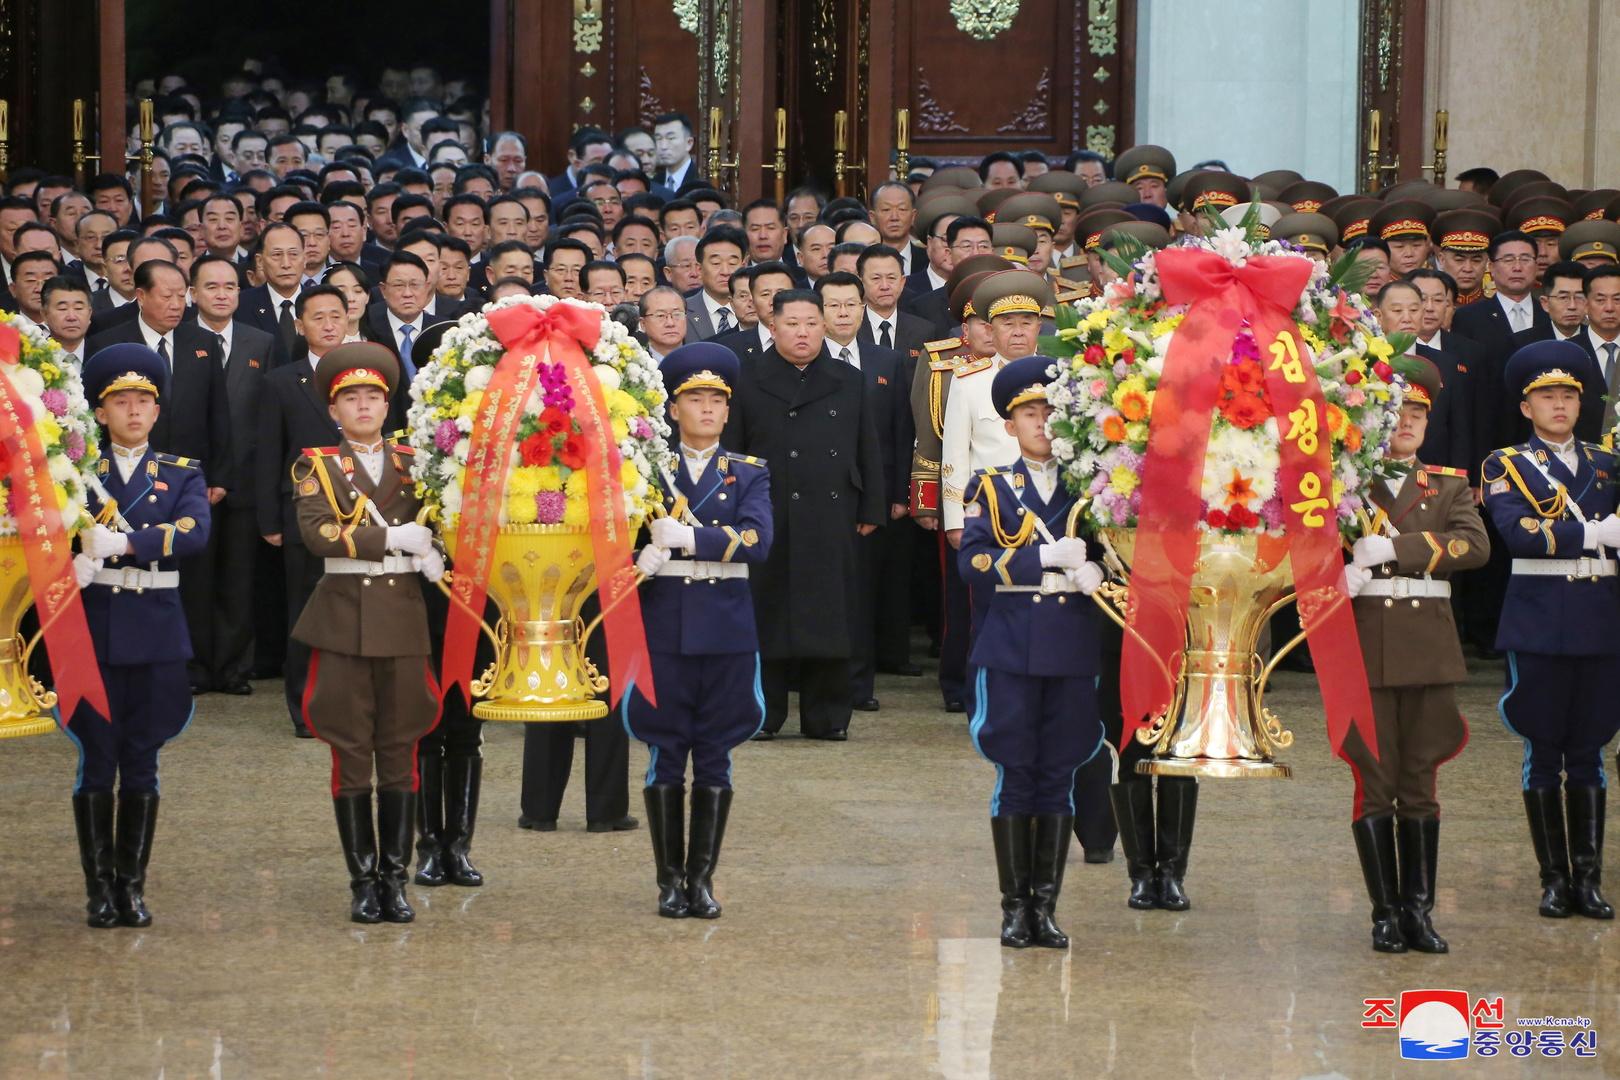 زعيم كوريا الشمالية يستهل العام الجديد برسالة وزيارة ضريح والده وجده